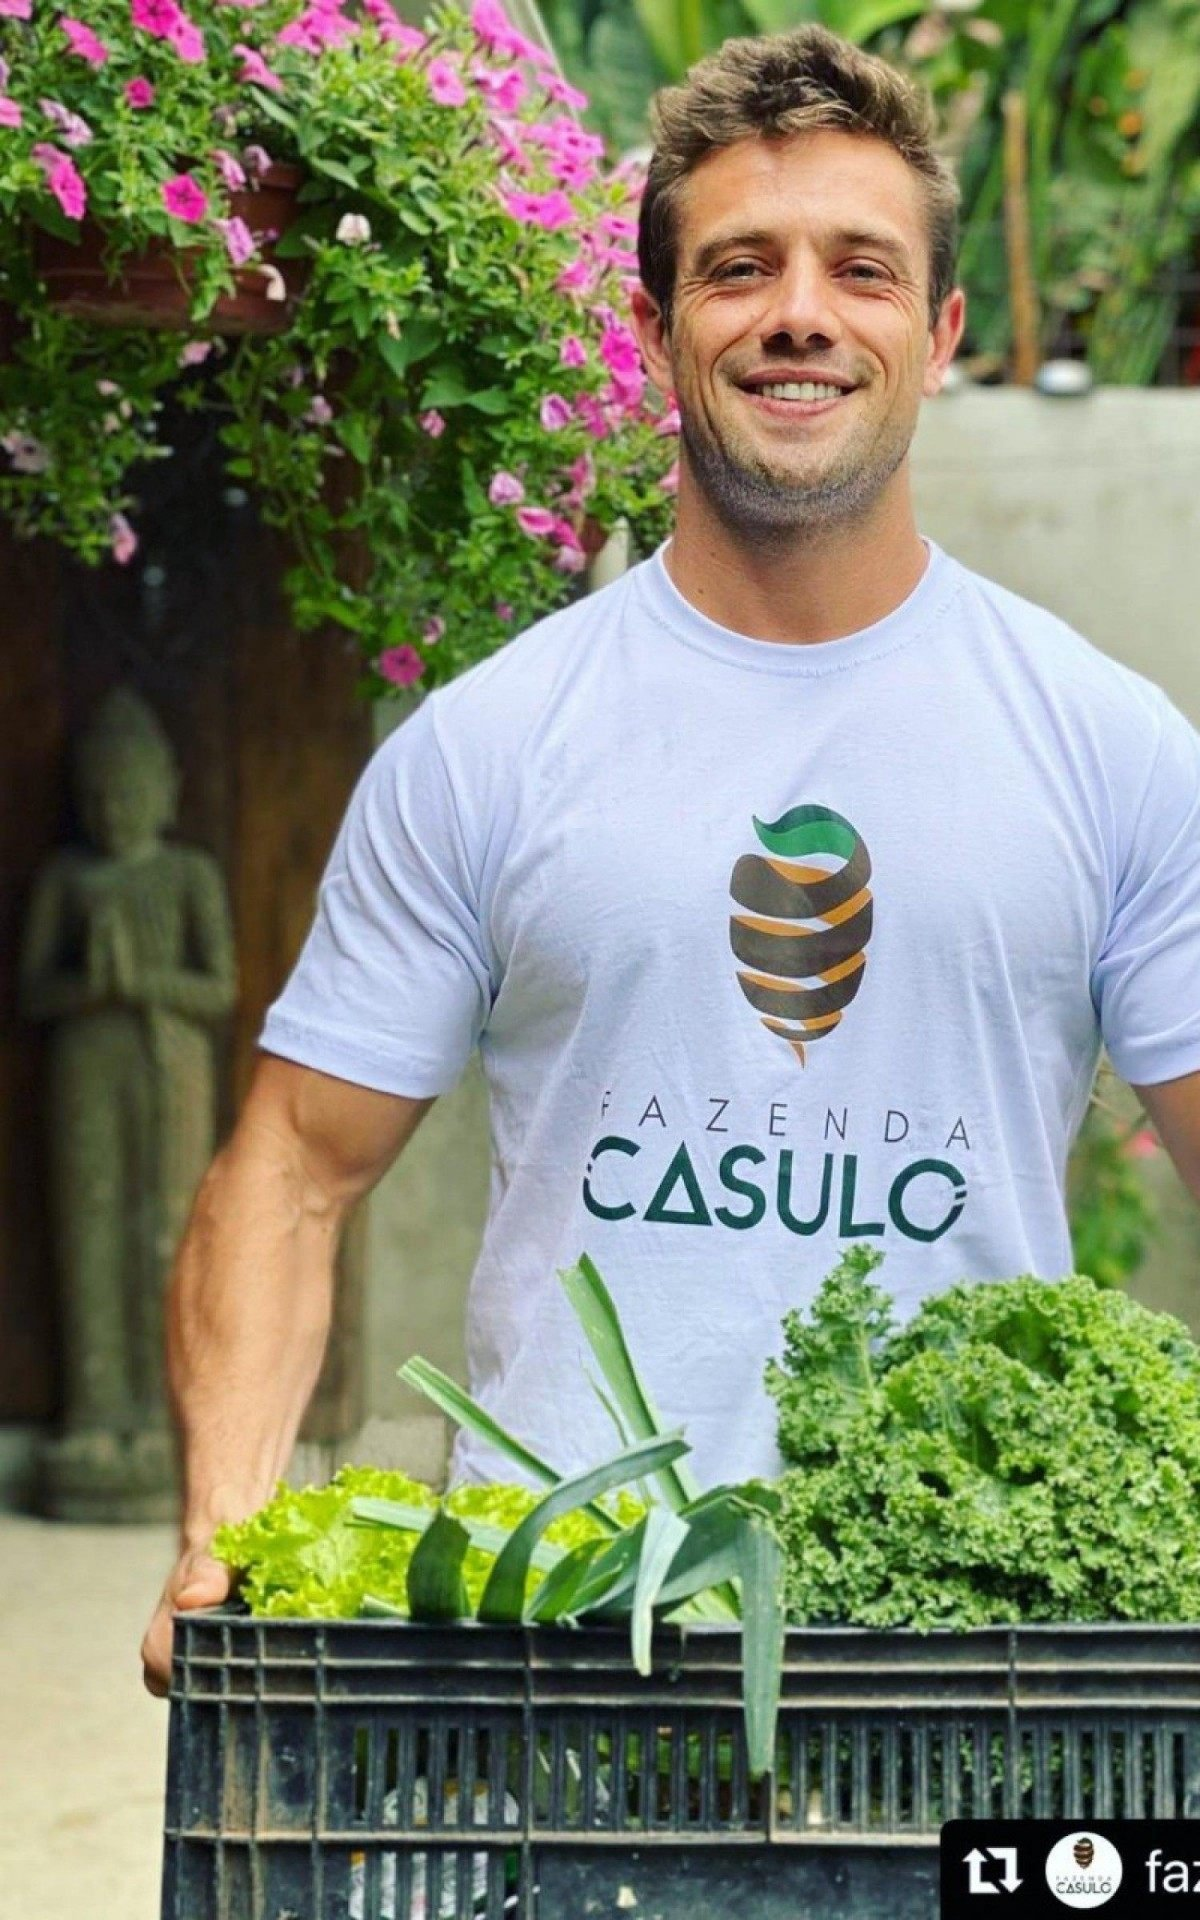 Rafael Cardoso doa caminhão de alimentos orgânicos cultivados em sua fazenda